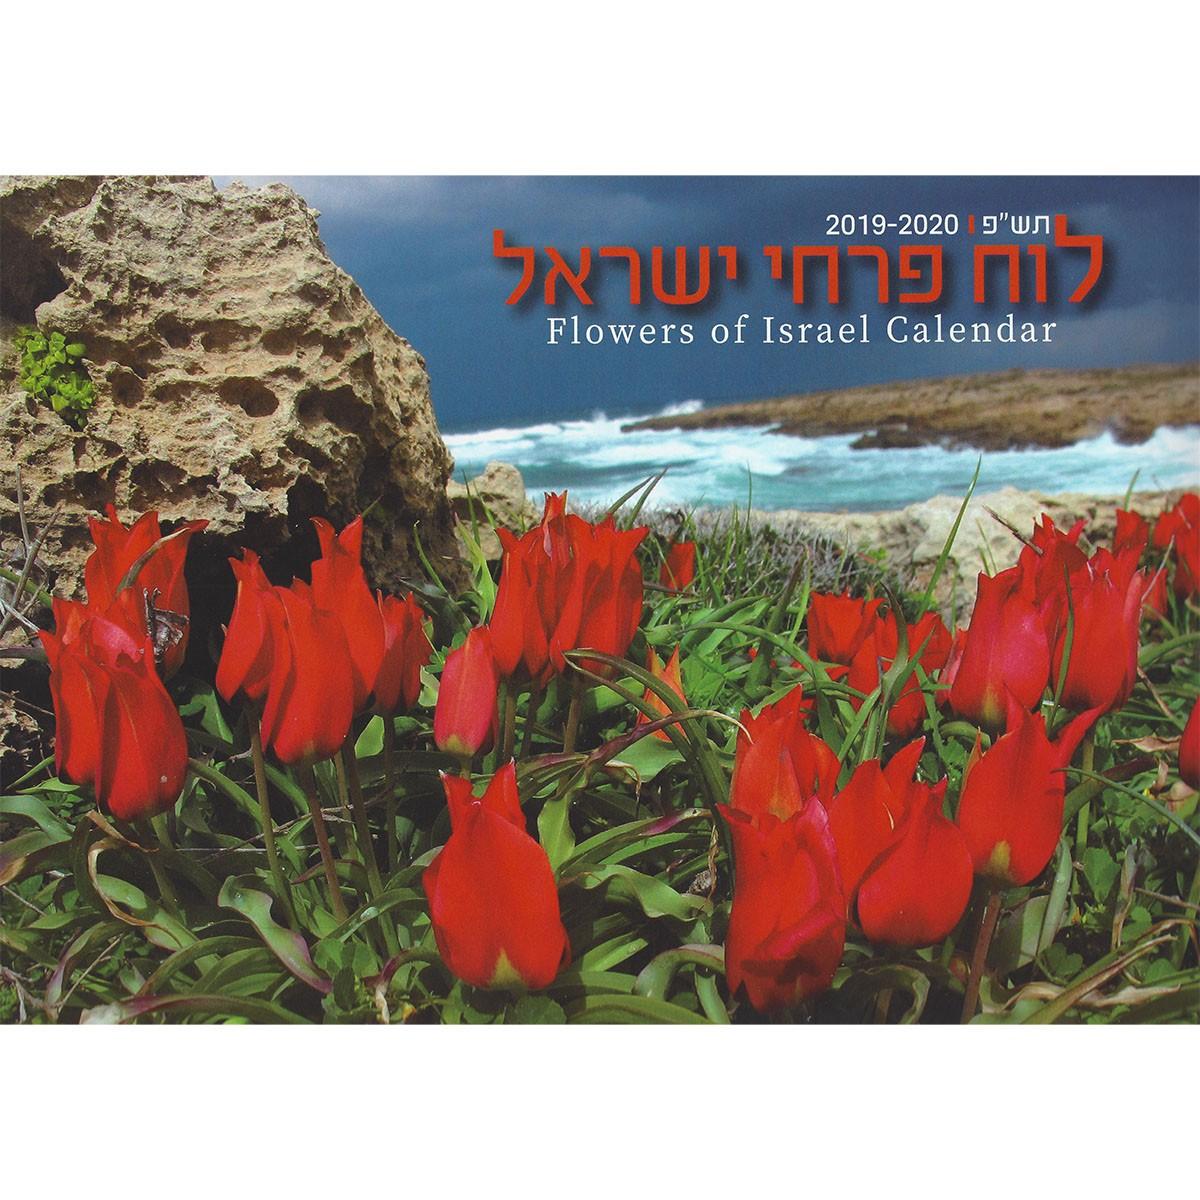 Full-Size Flowers Of Israel Wall Calendar 5780 - 2019-20 with Ewish Calendar 2019 - 2020